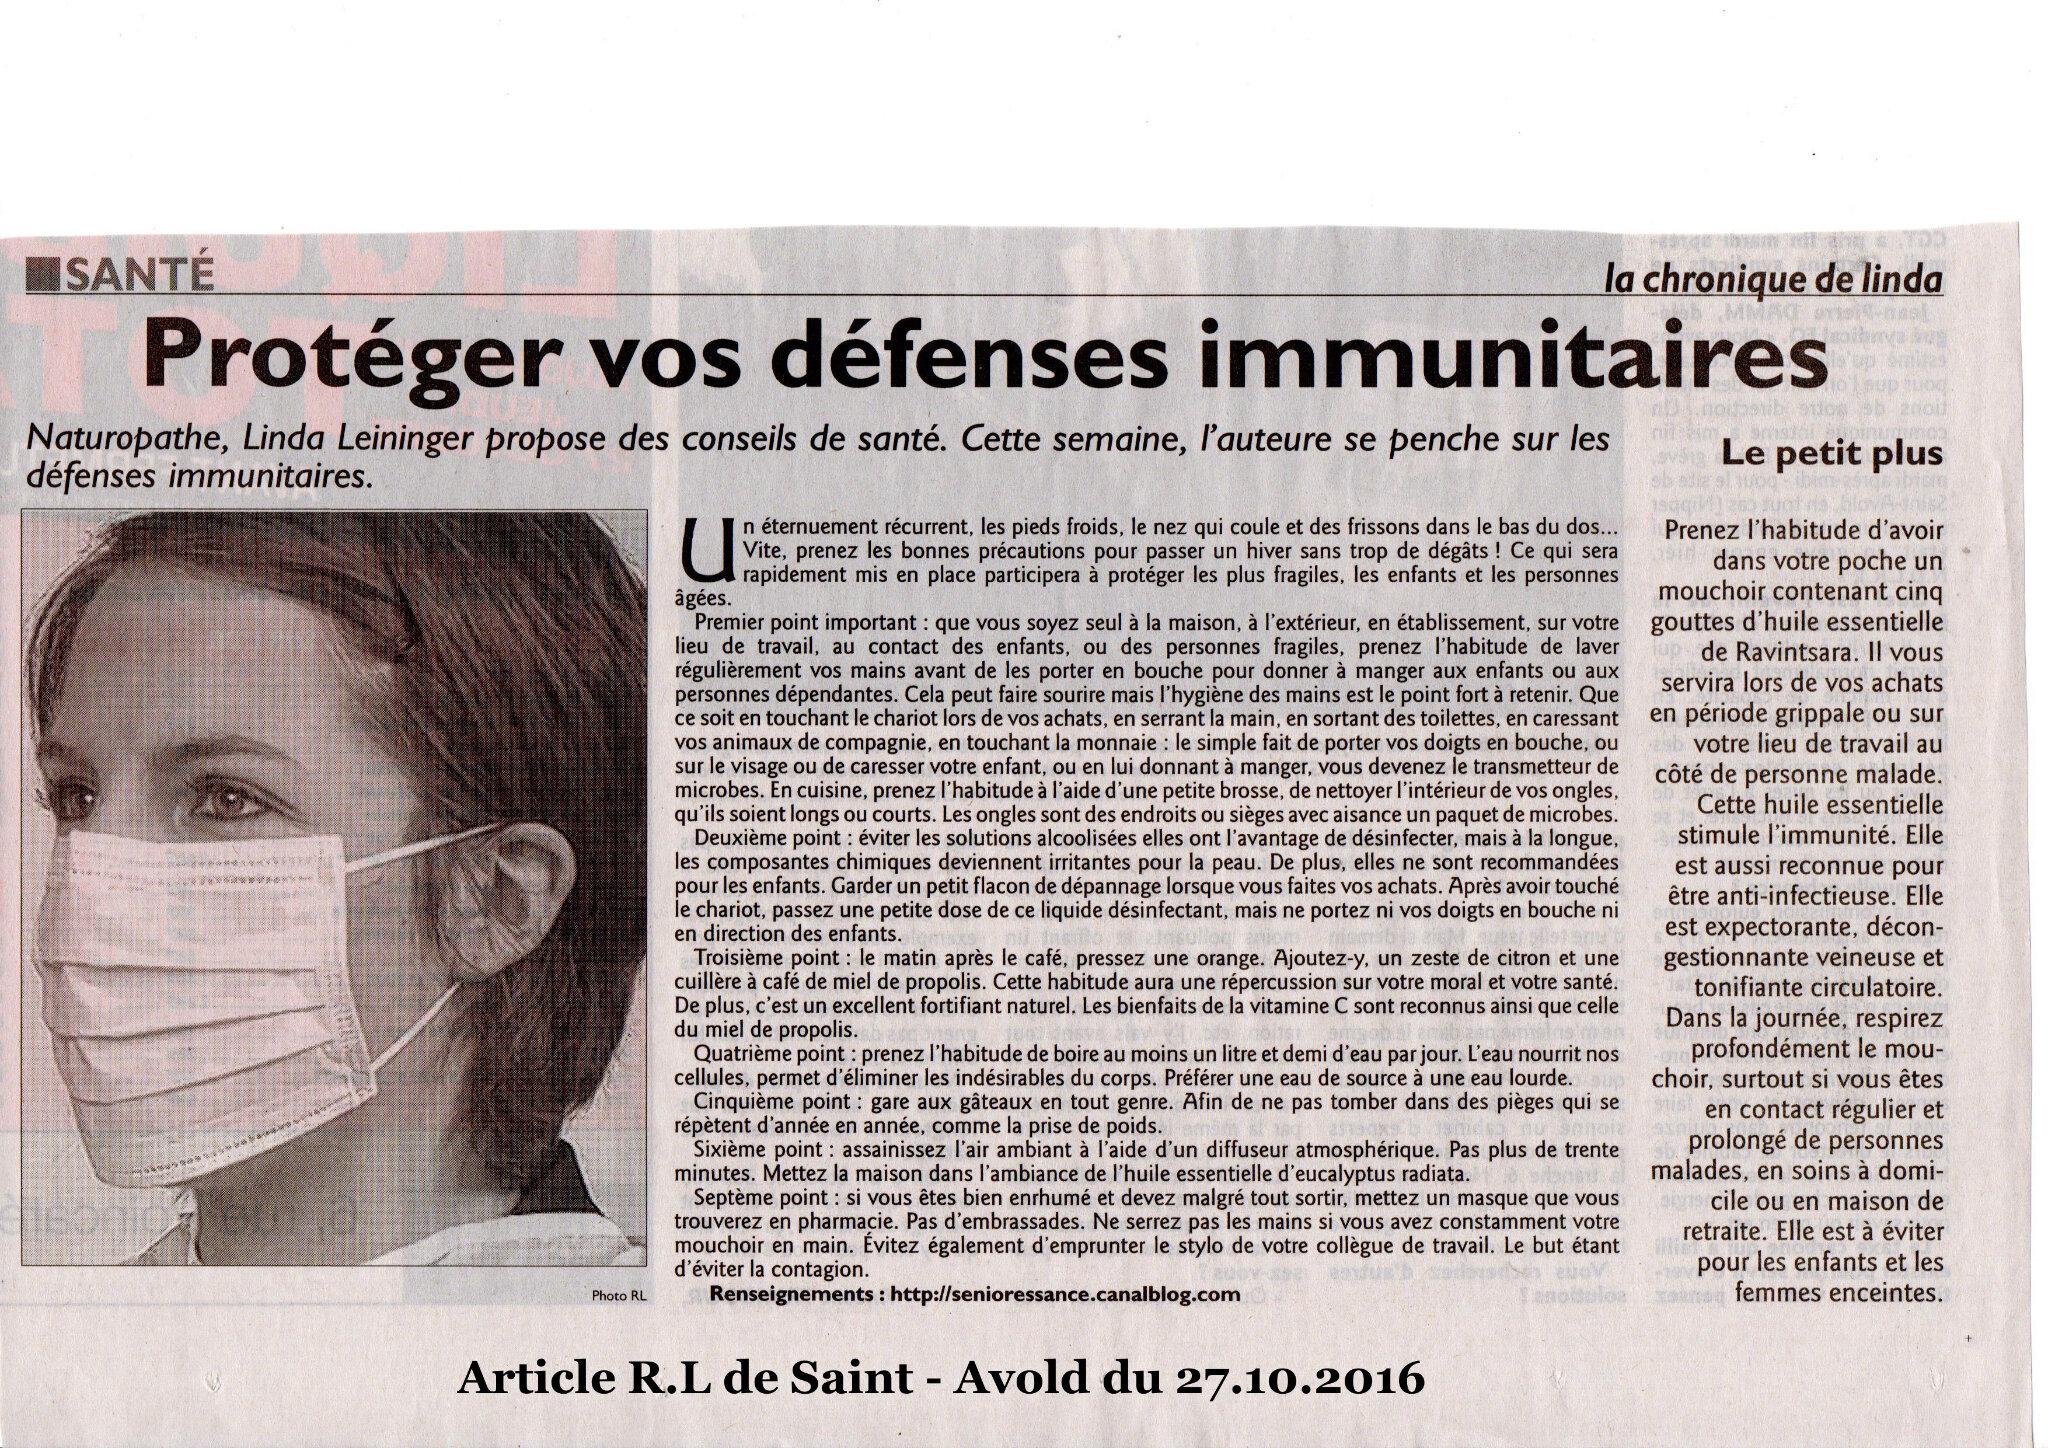 Protéger vos défenses immunitaires